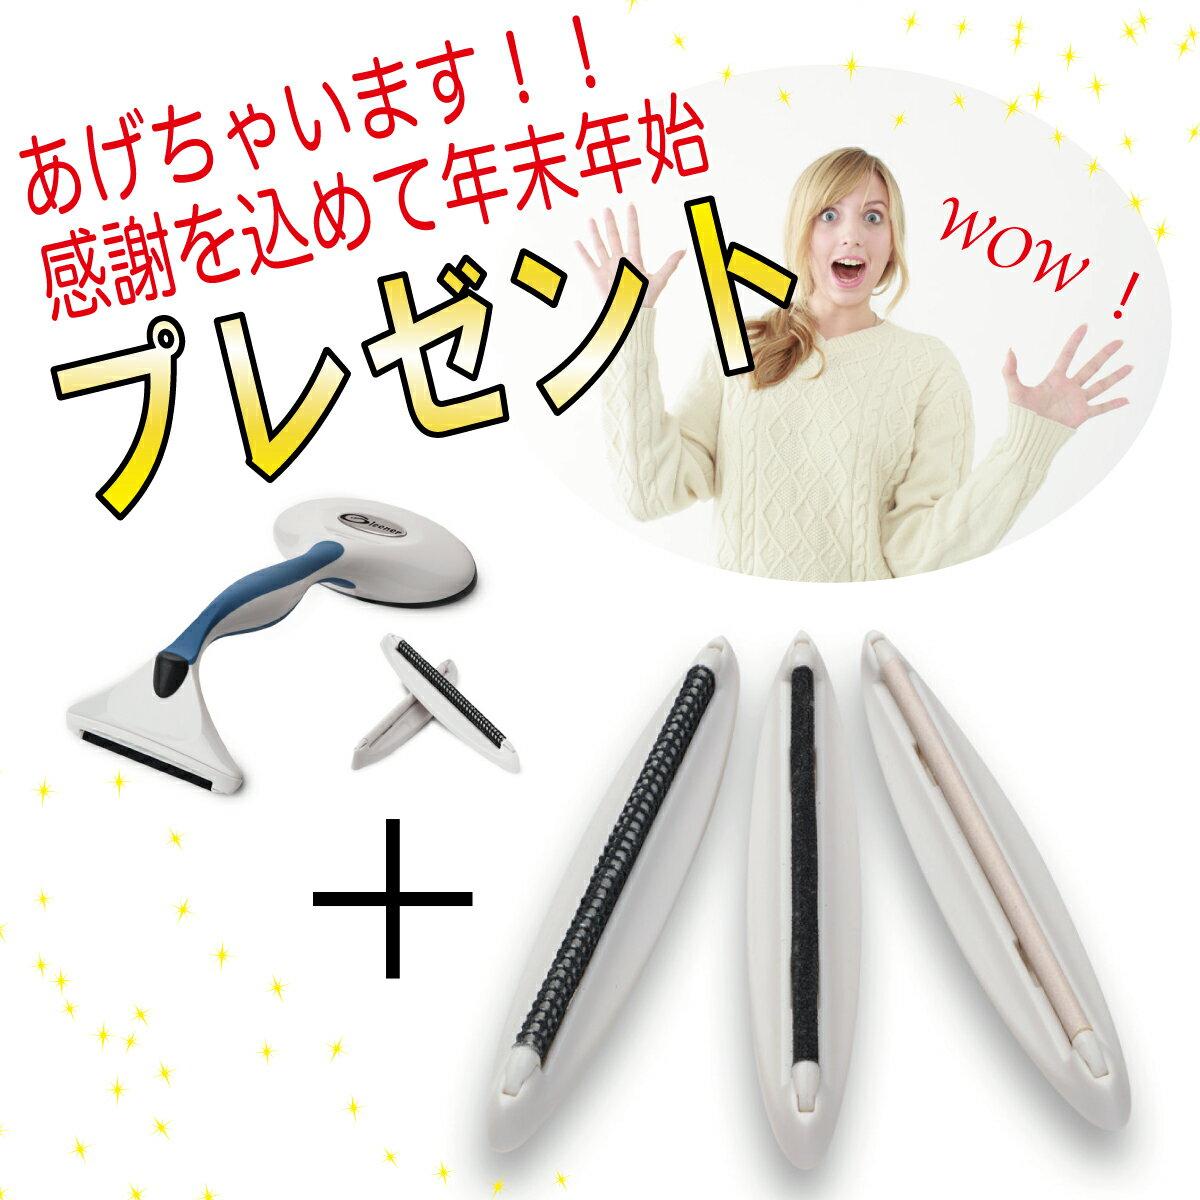 グリーナー公式 新感覚の毛玉取り器「グリーナー」【簡易包装】エッジ1セットをプレゼント